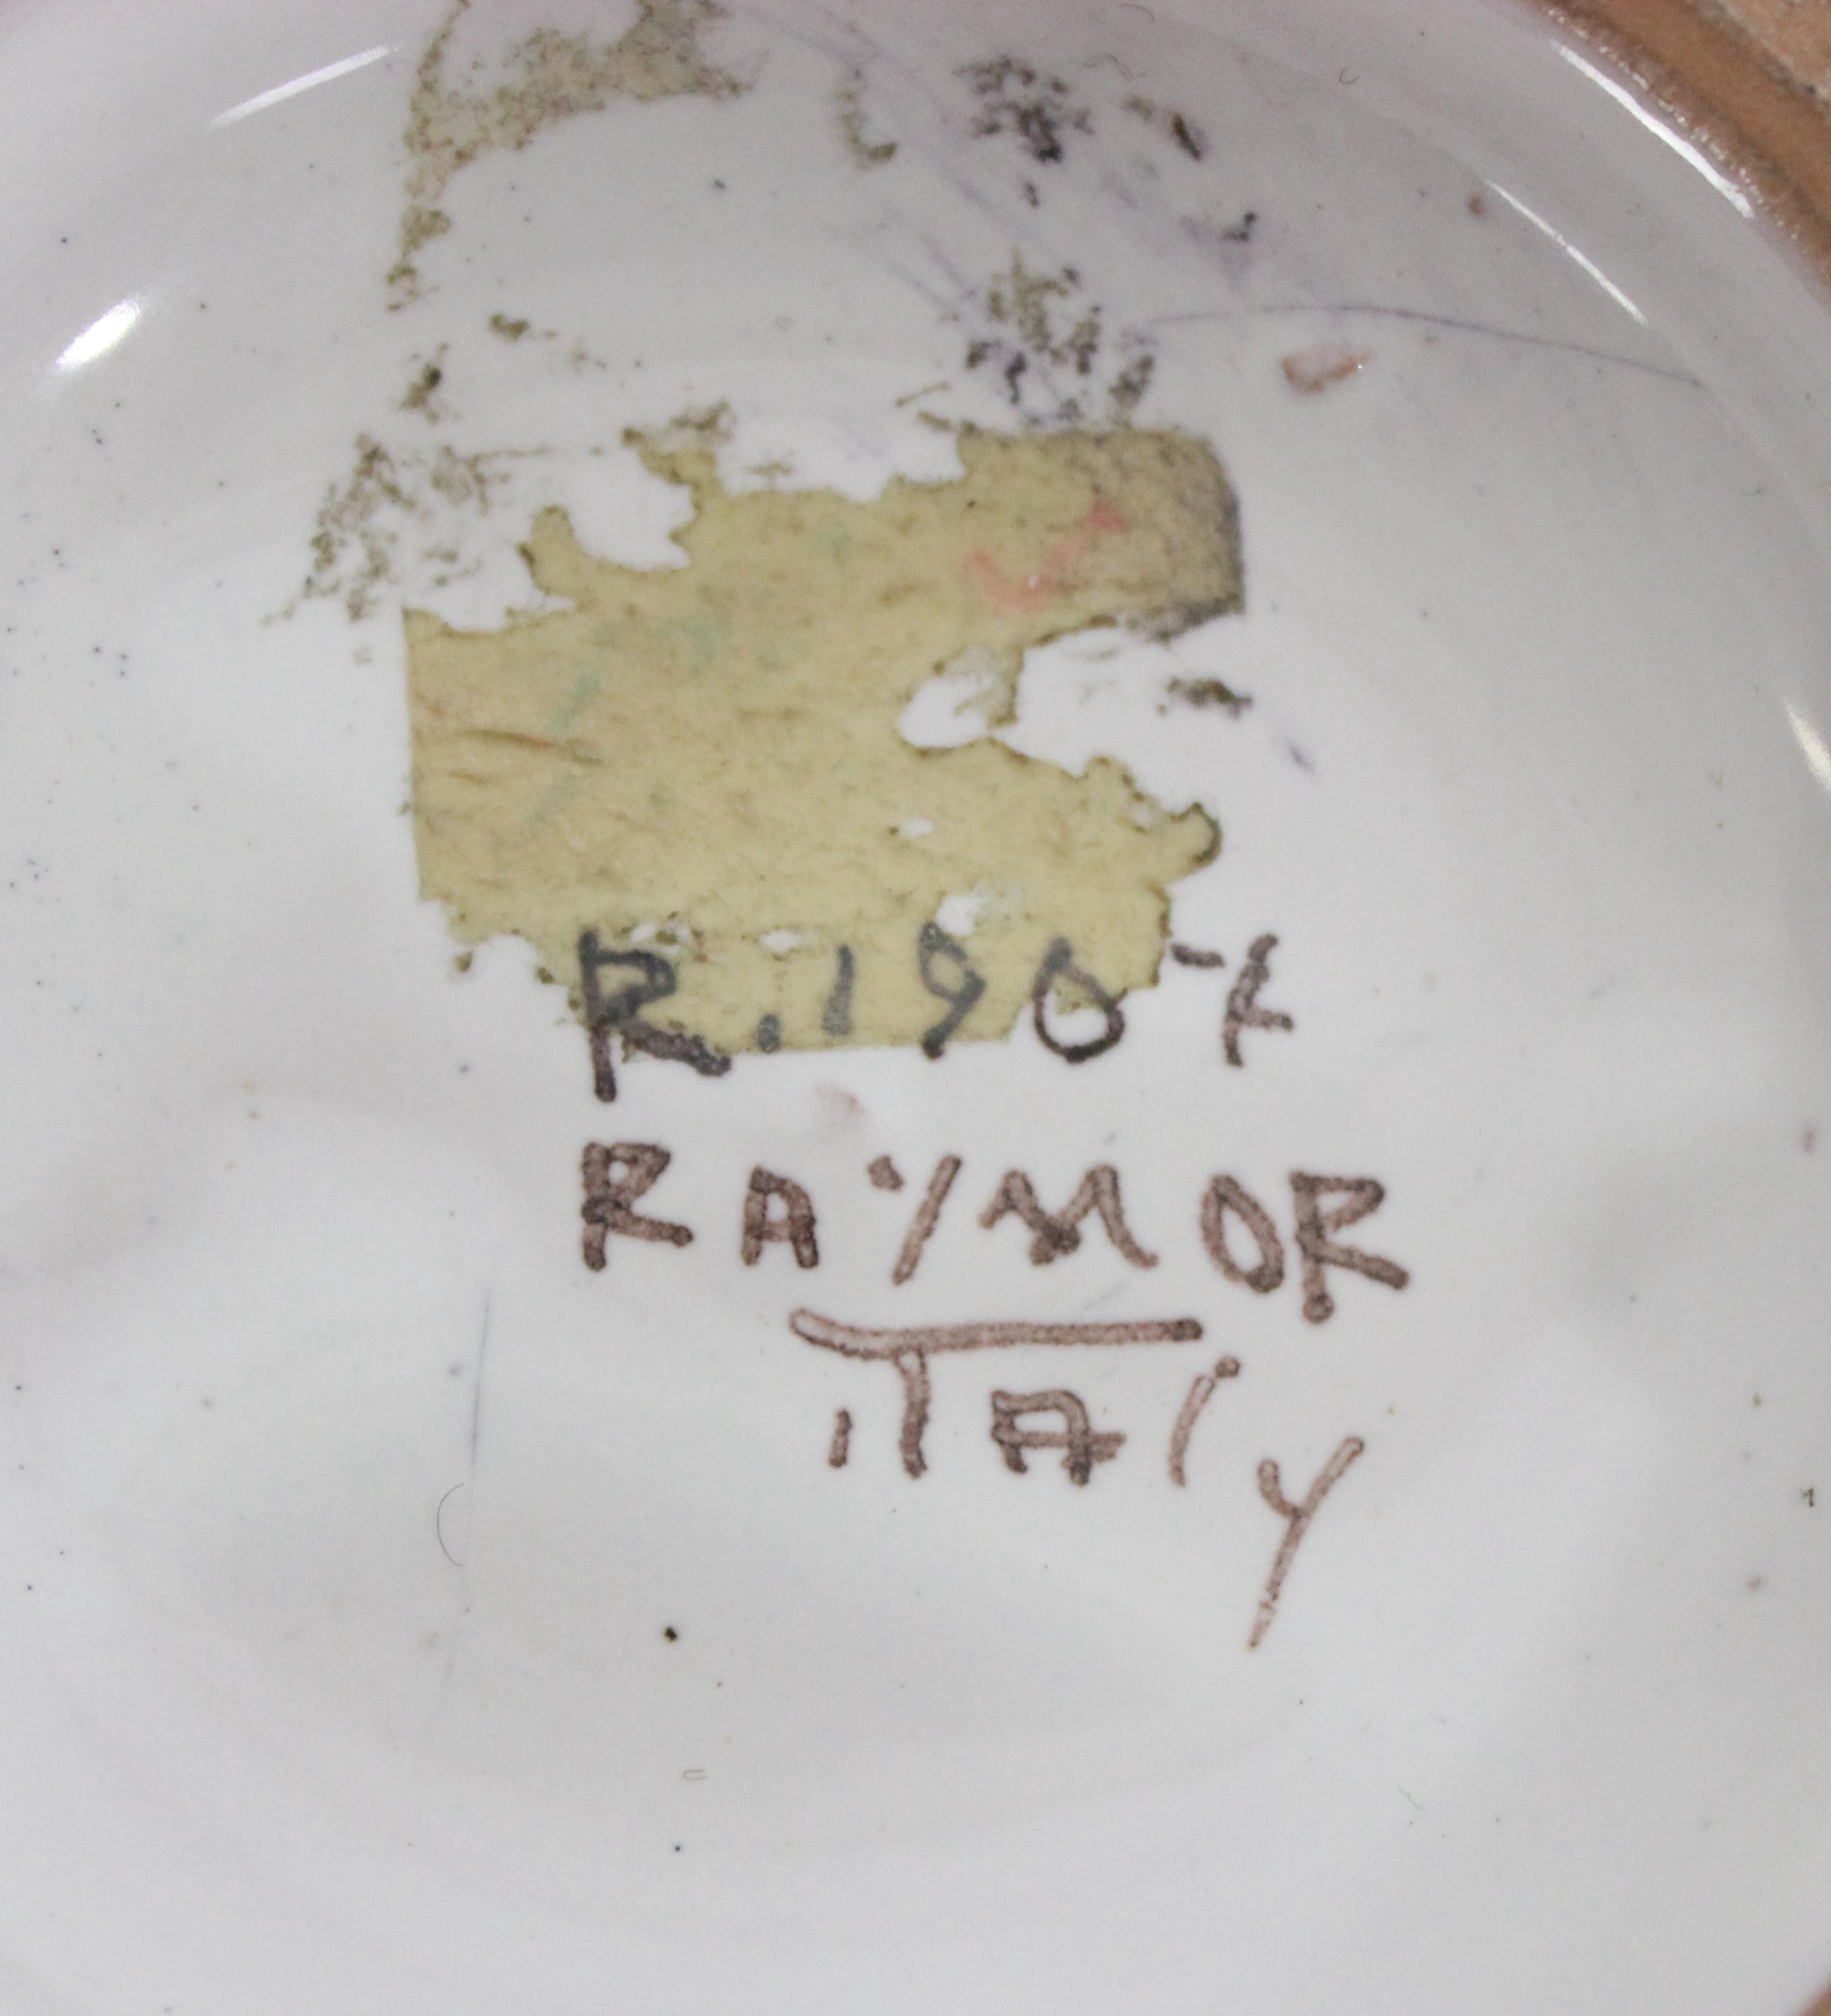 Ceramic Vase by Alvino Bagni for Raymor - Lookmodern